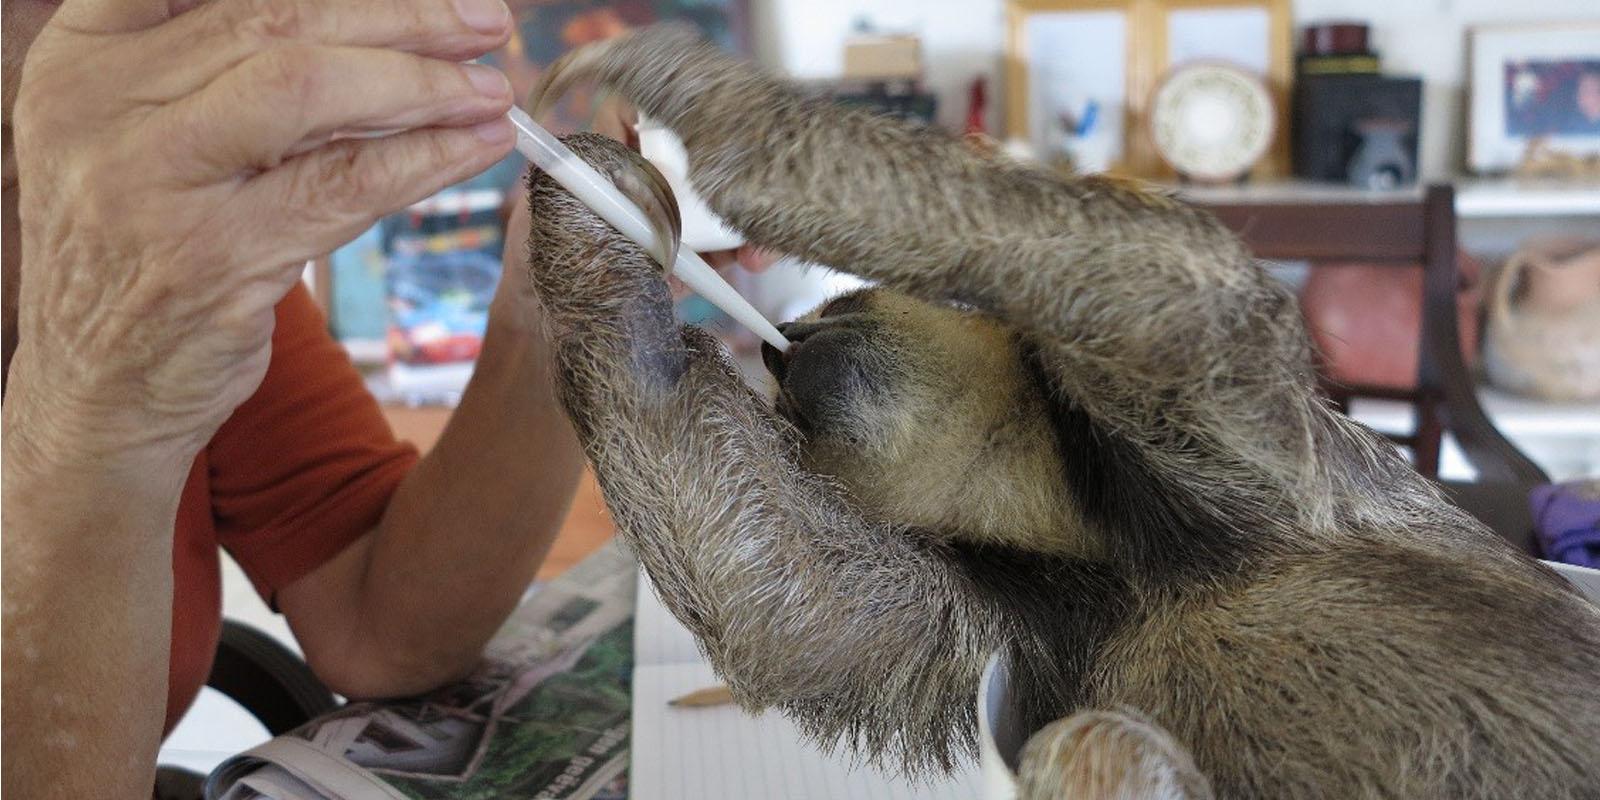 Das verwaiste Faultierbaby wird im Schutzzentrum aufgepäppelt